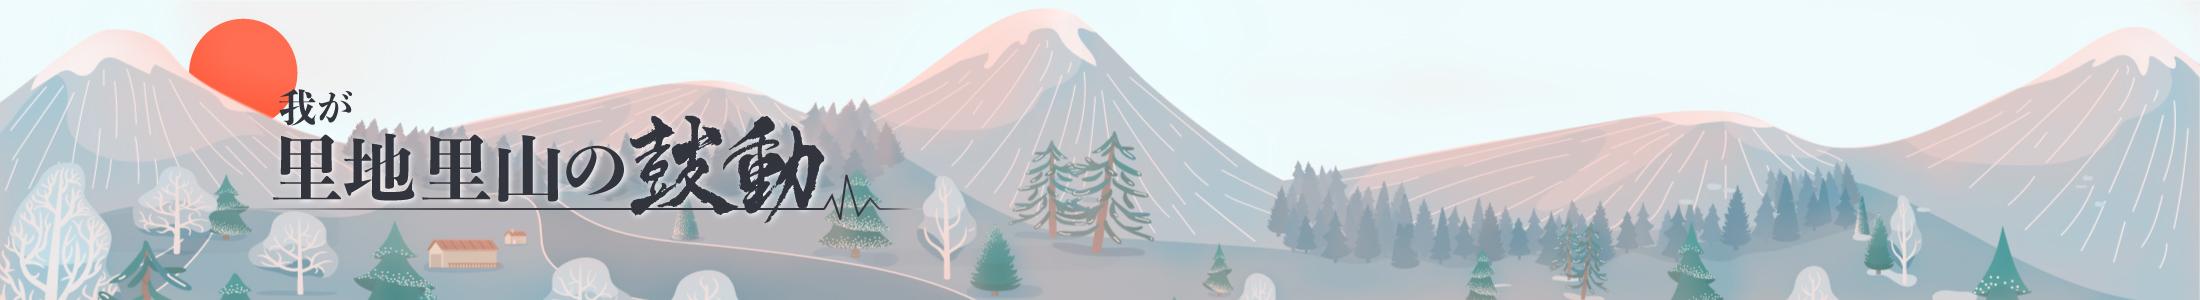 我が里地里山の鼓動イメージ